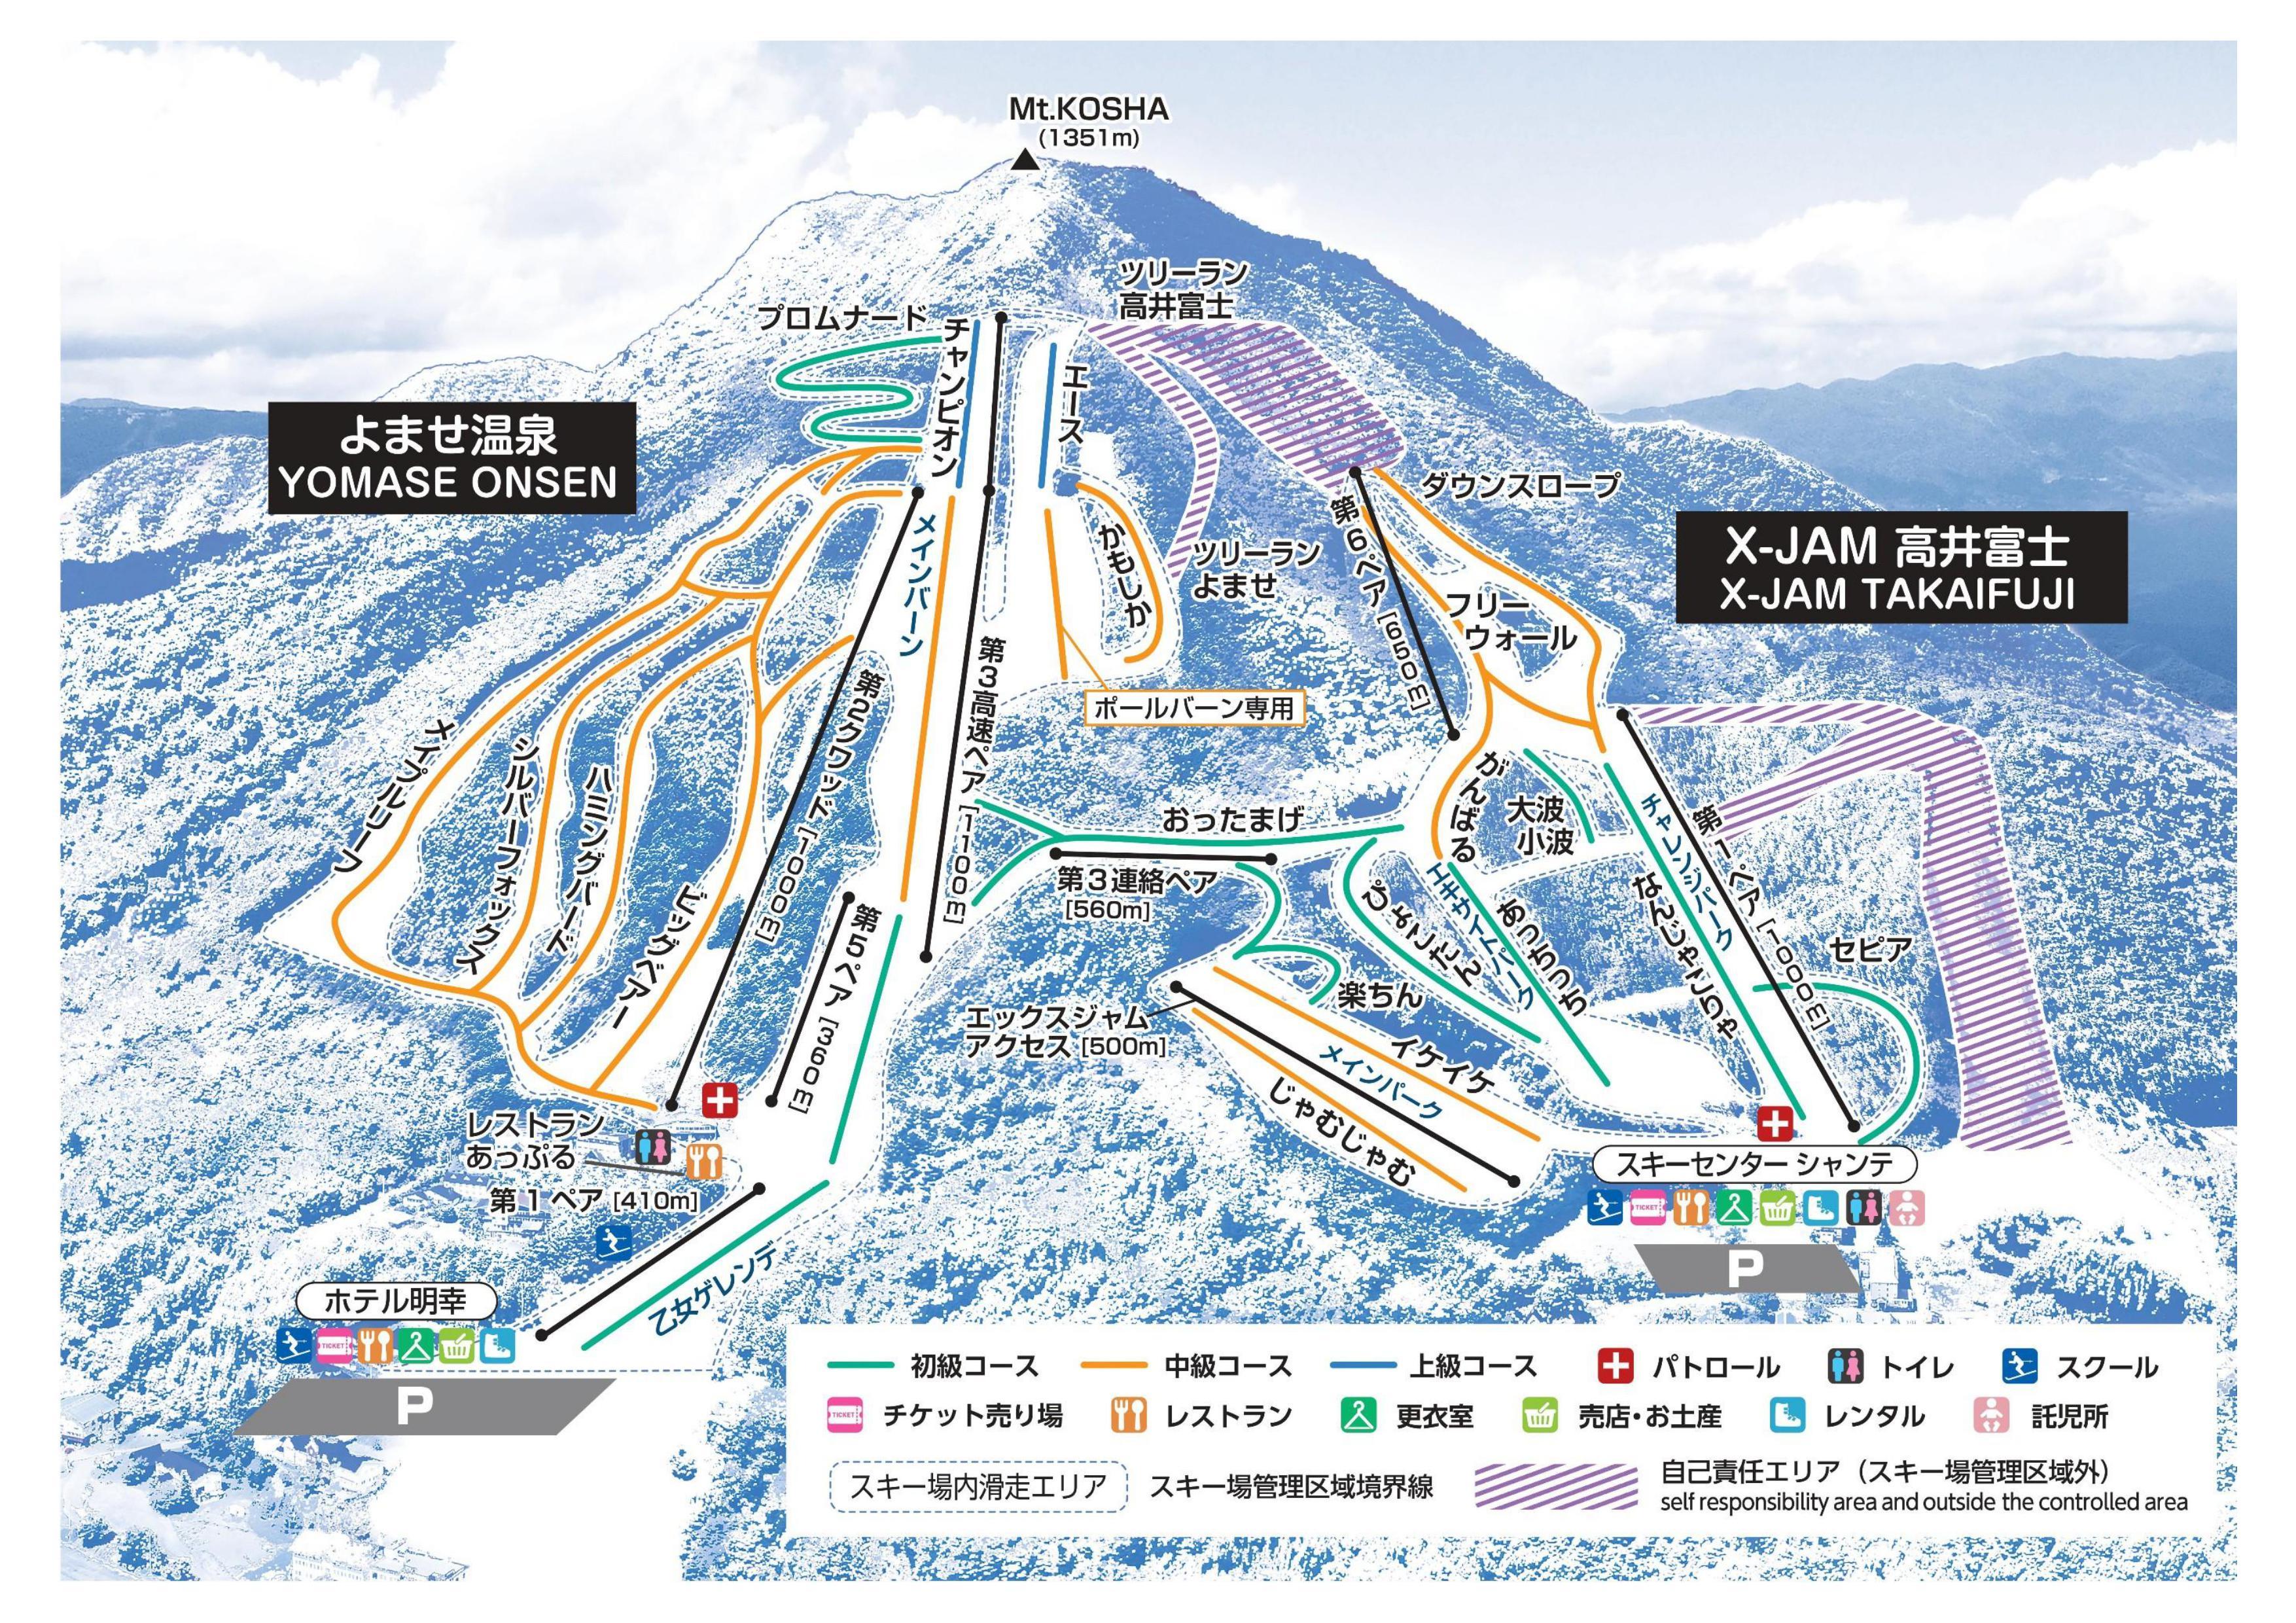 場 菅平 天気 スキー 高原